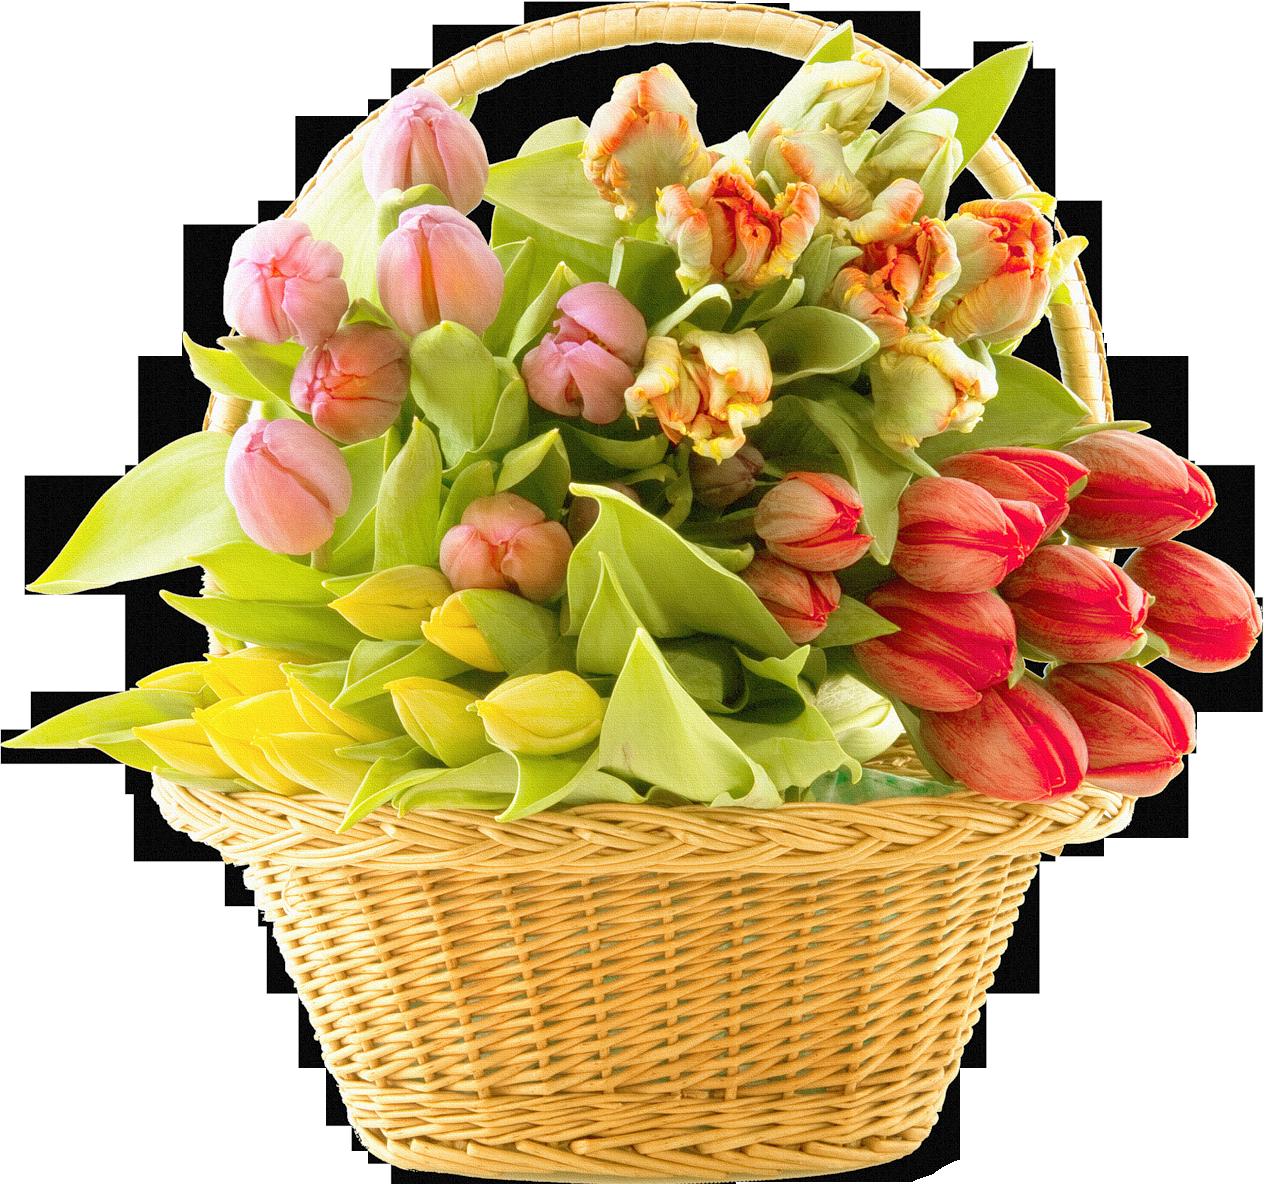 صور اجمل بوكيه ورد , الورود المنسقة تصنع احلى بوكيه ورد